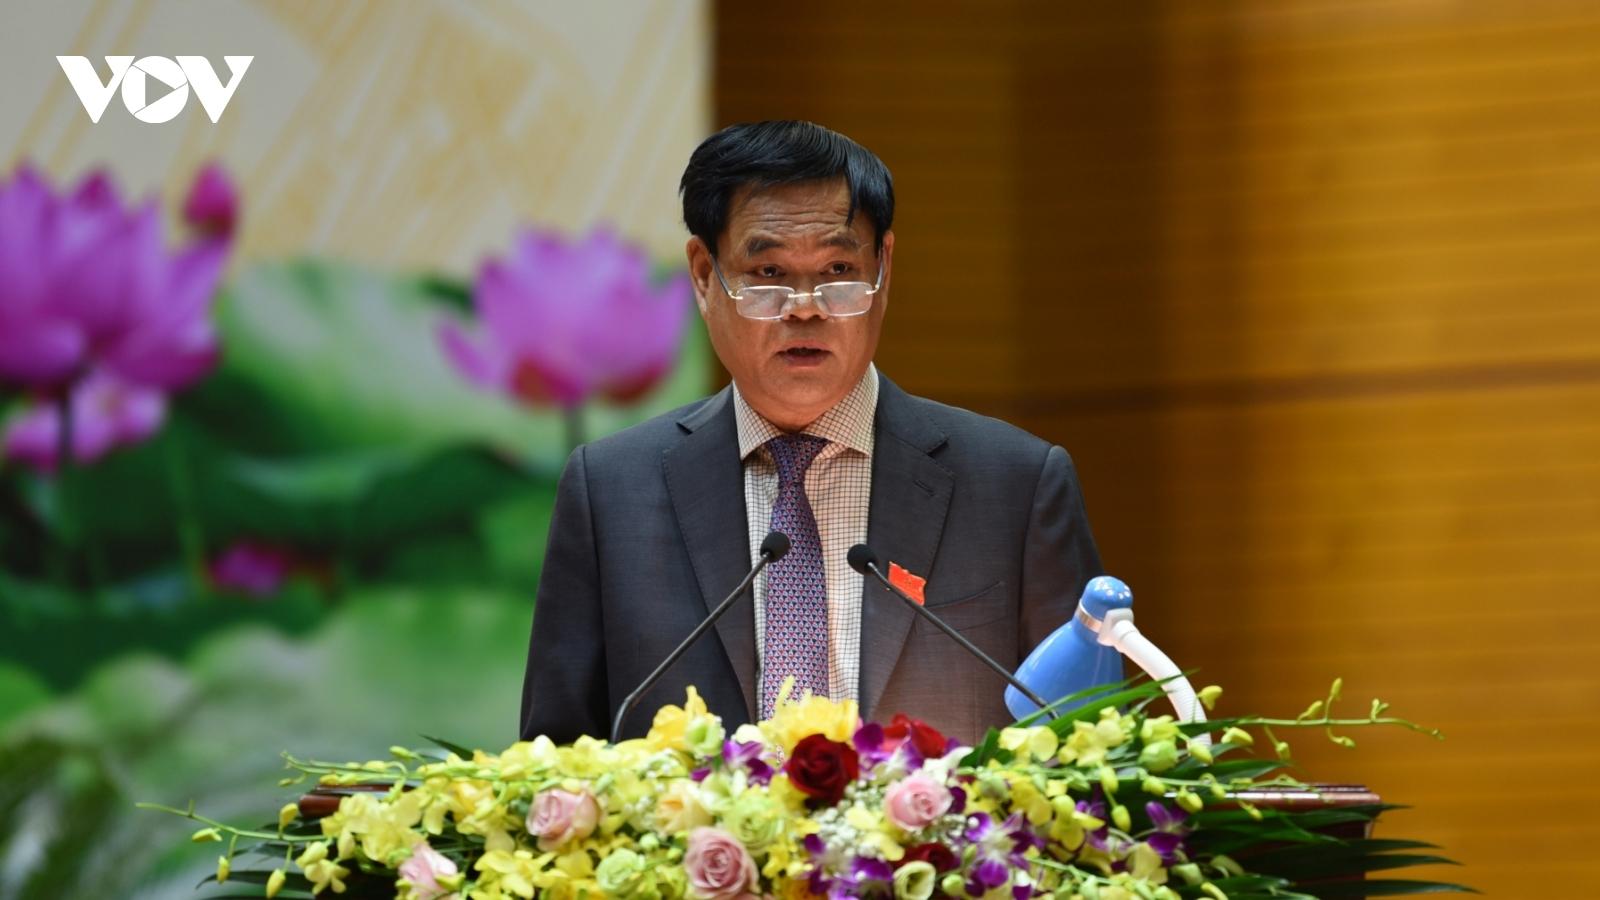 Ông Huỳnh Tấn Việt trúng cử Bí thư Đảng ủy Khối các cơ quan T.Ư